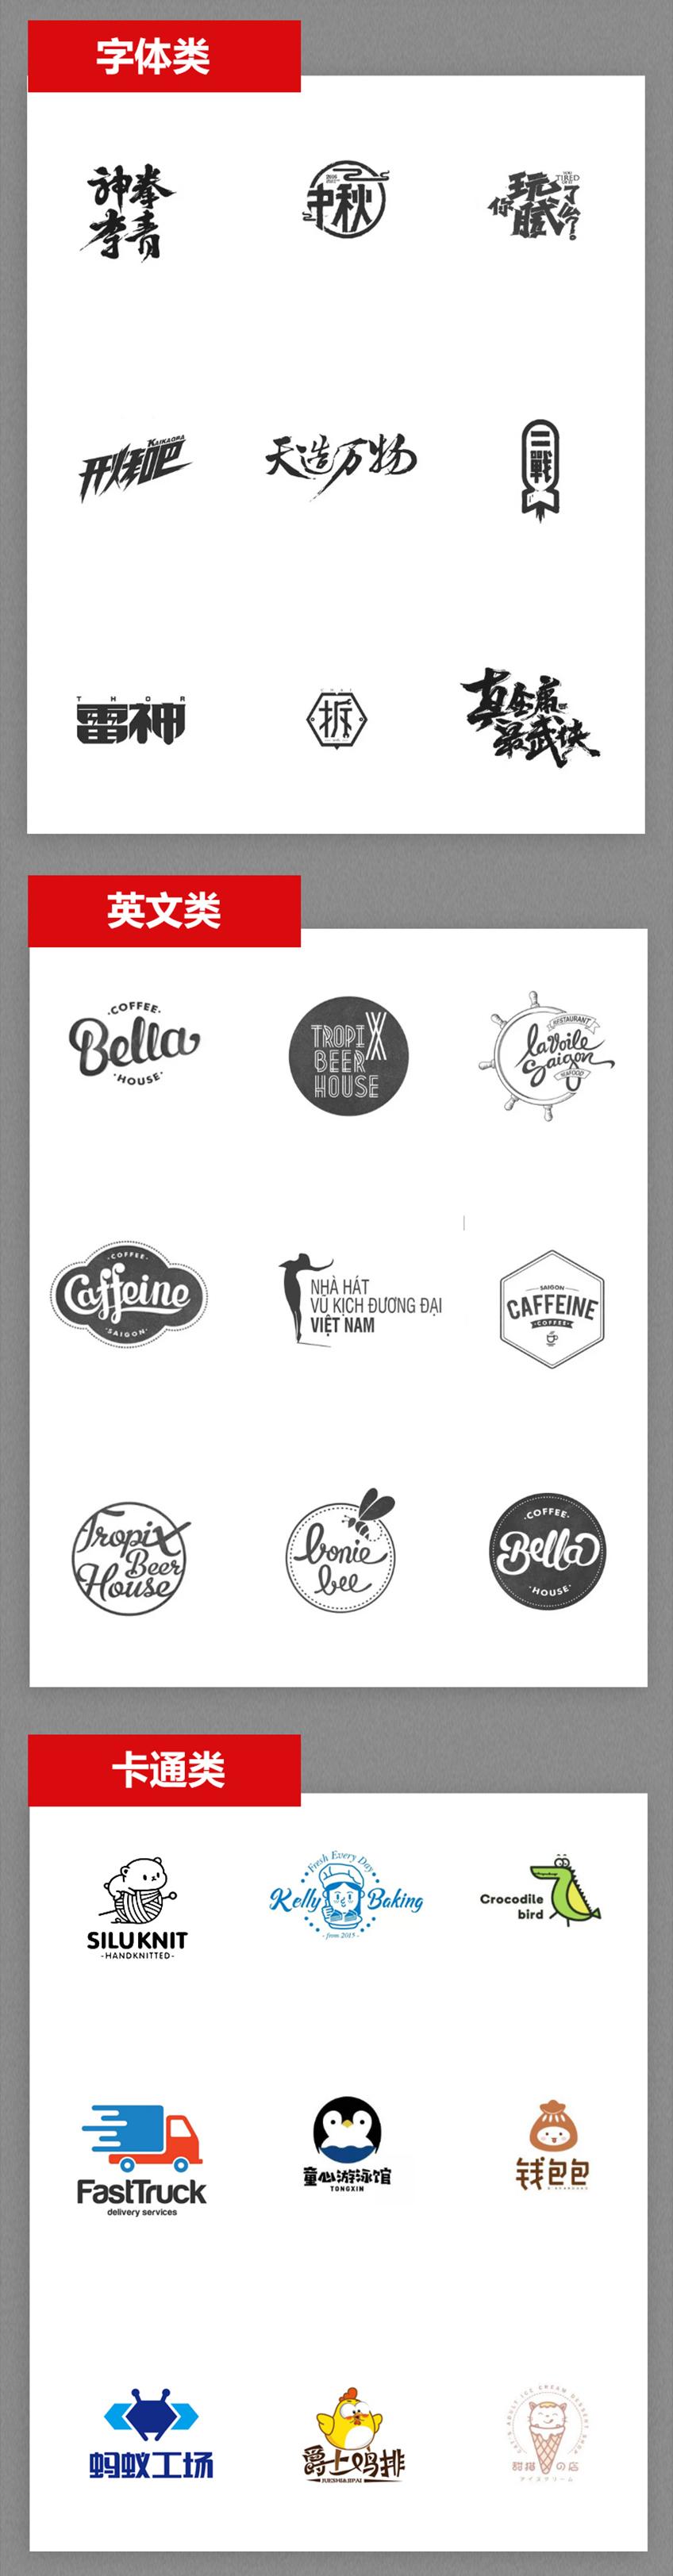 _企业公司品牌logo设计图文原创标志商标LOGO图标平面设计5